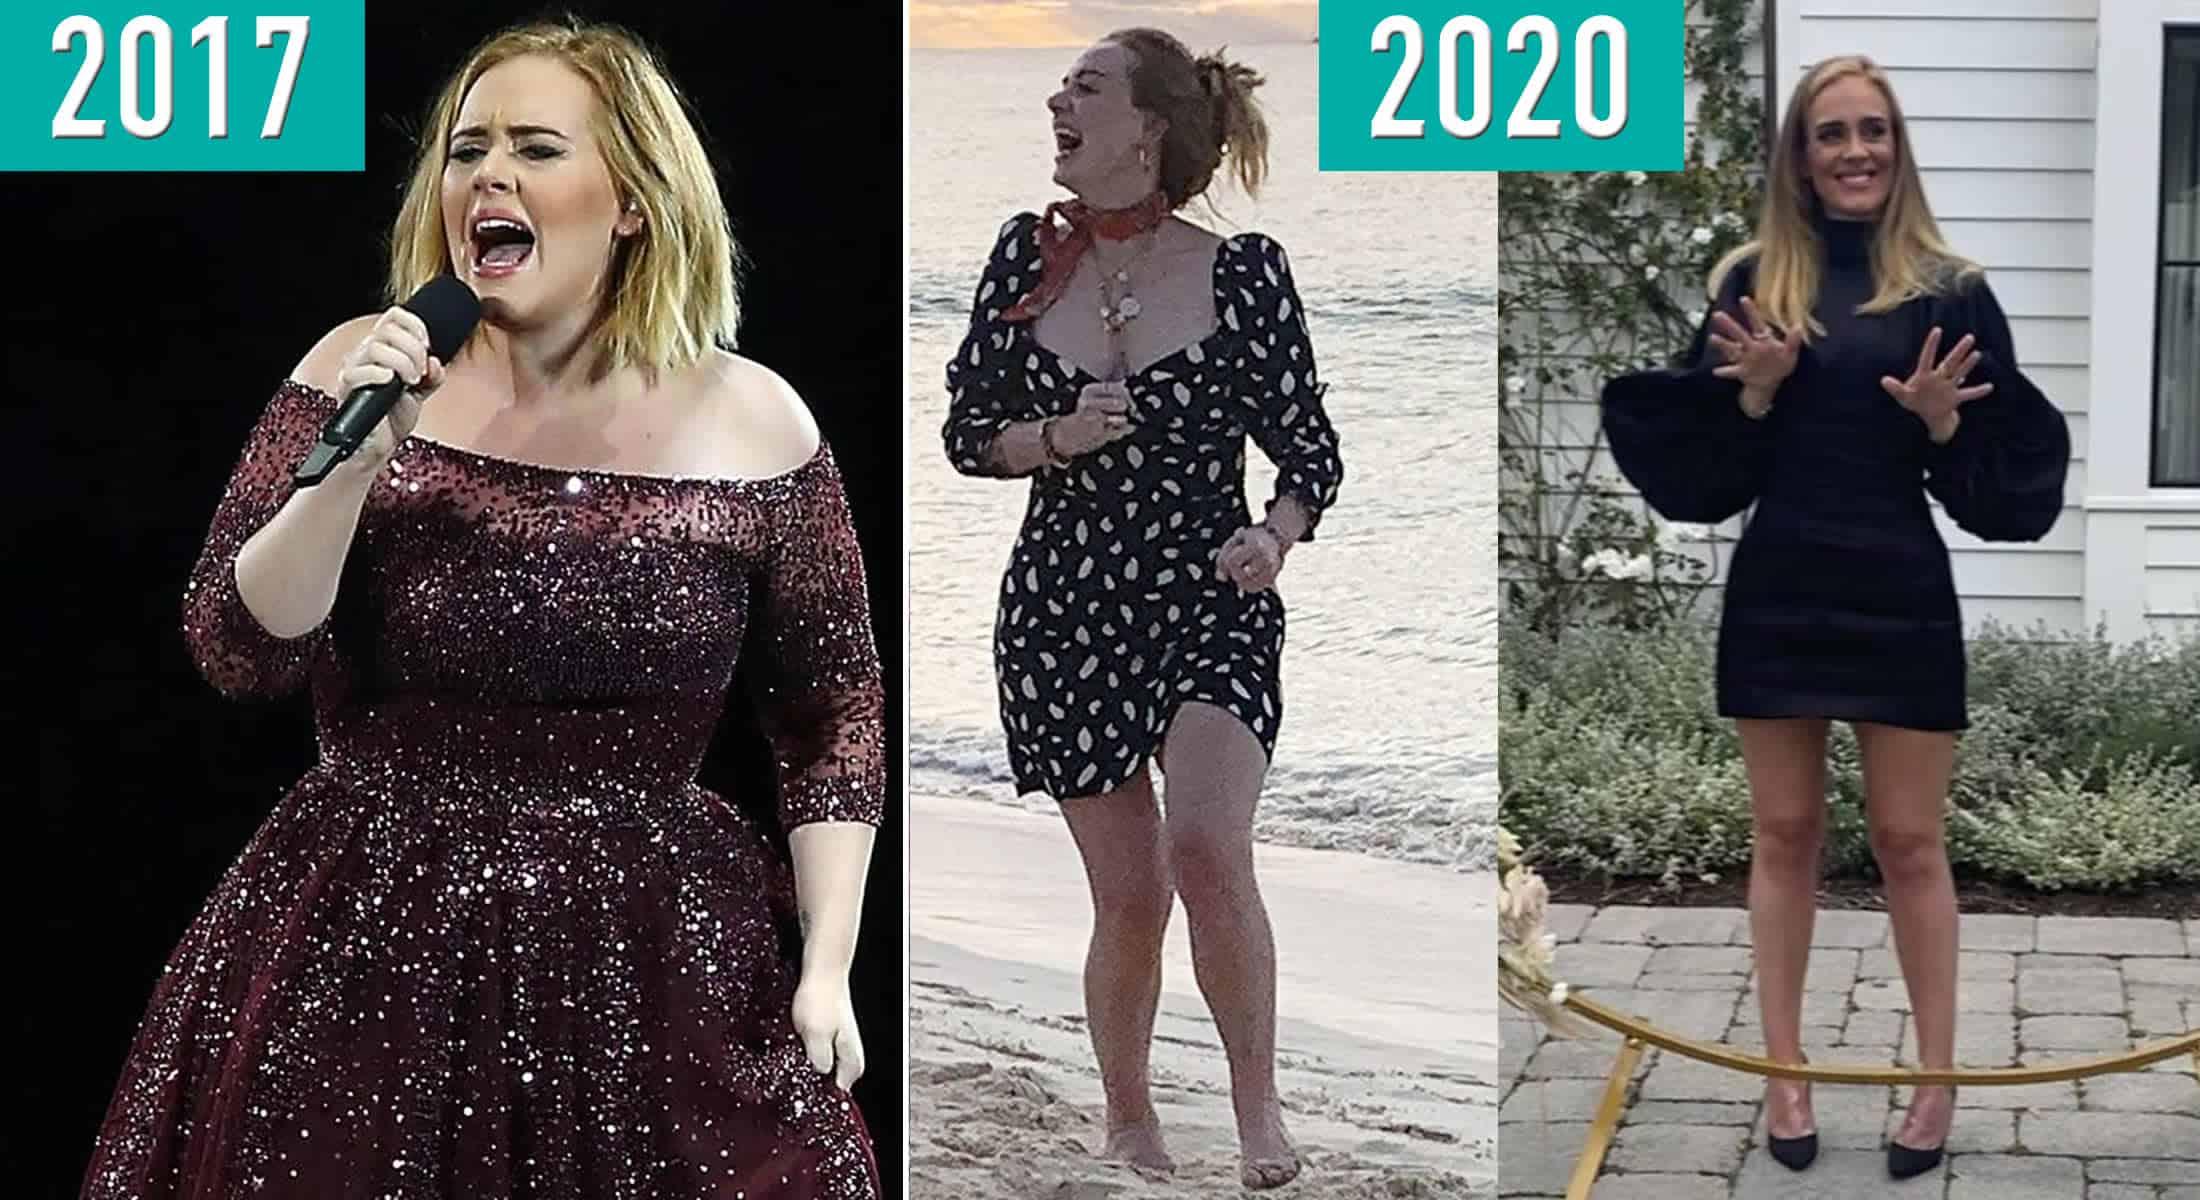 Adele reaparece super magra - Ela perdeu 45 kg em pouco